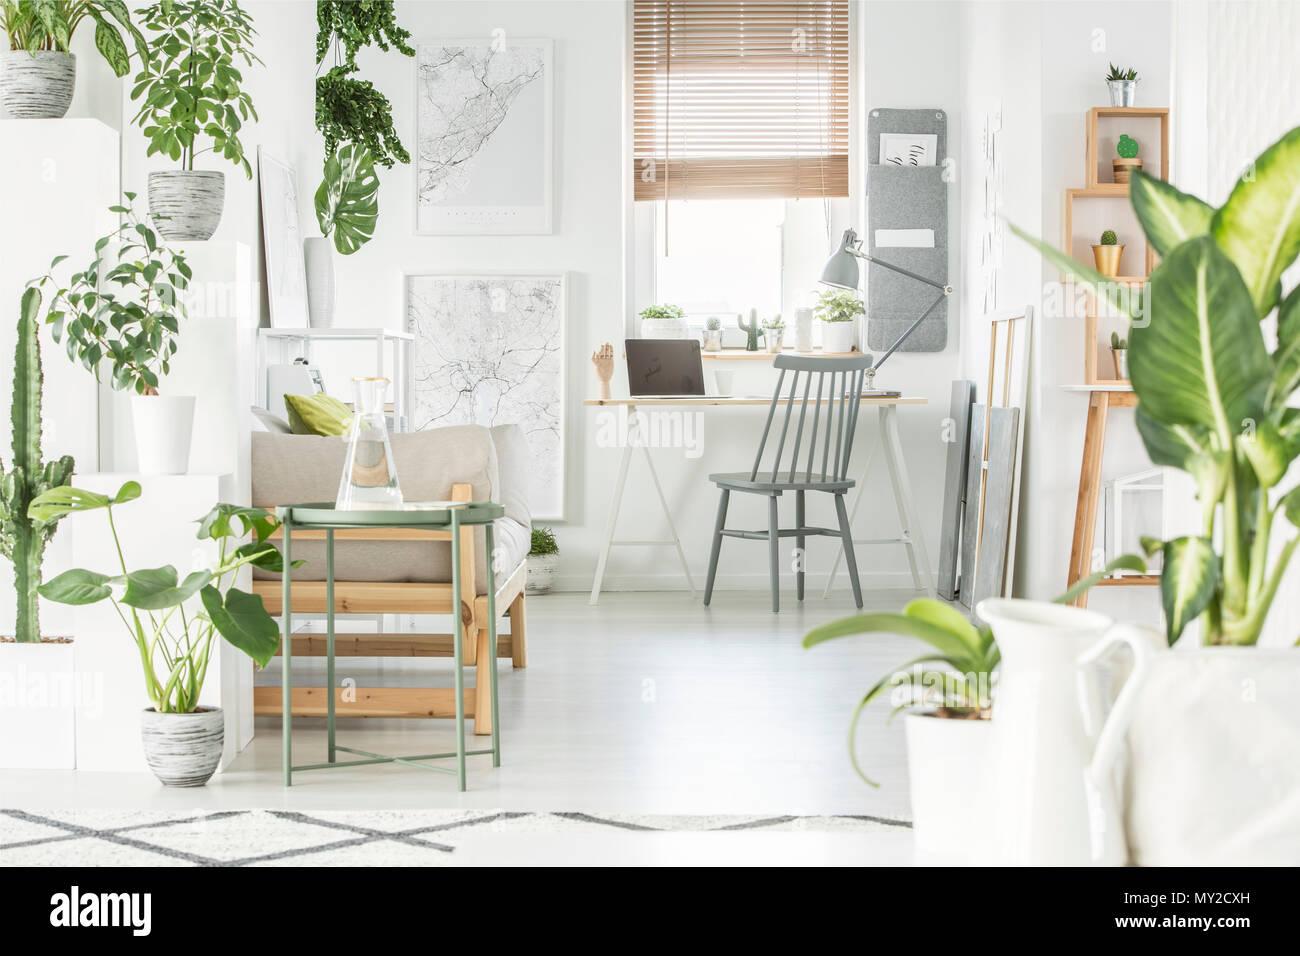 Scrivania Ufficio Grigio : Casa bianca di ufficio interno con fresche piante verdi grigio